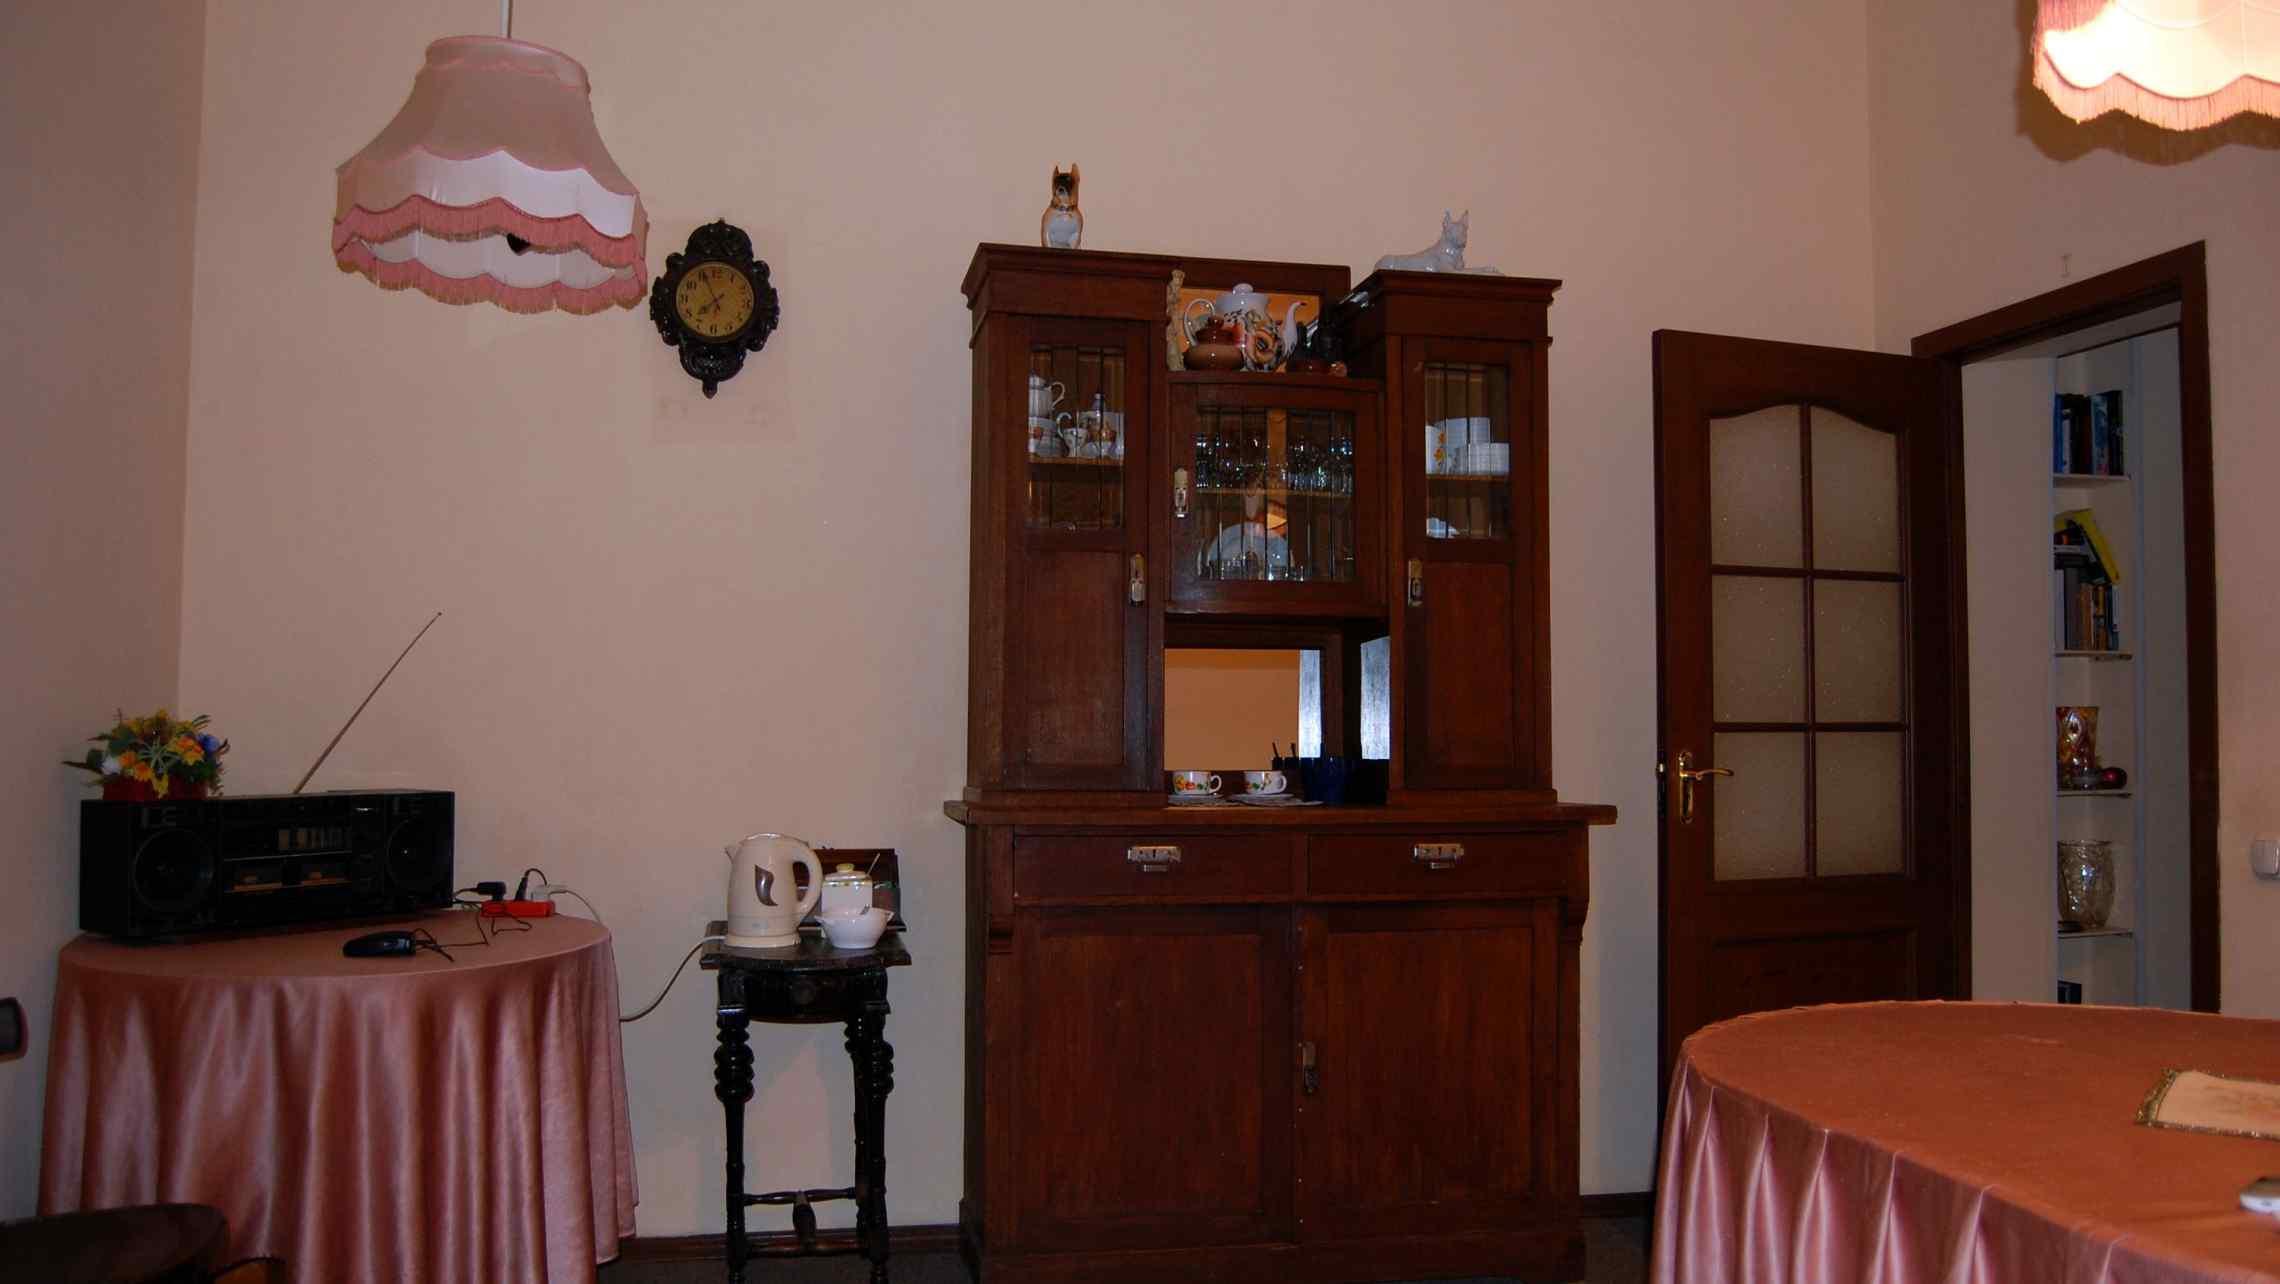 гостиница домик в коломне санкт-петербург мини-отель